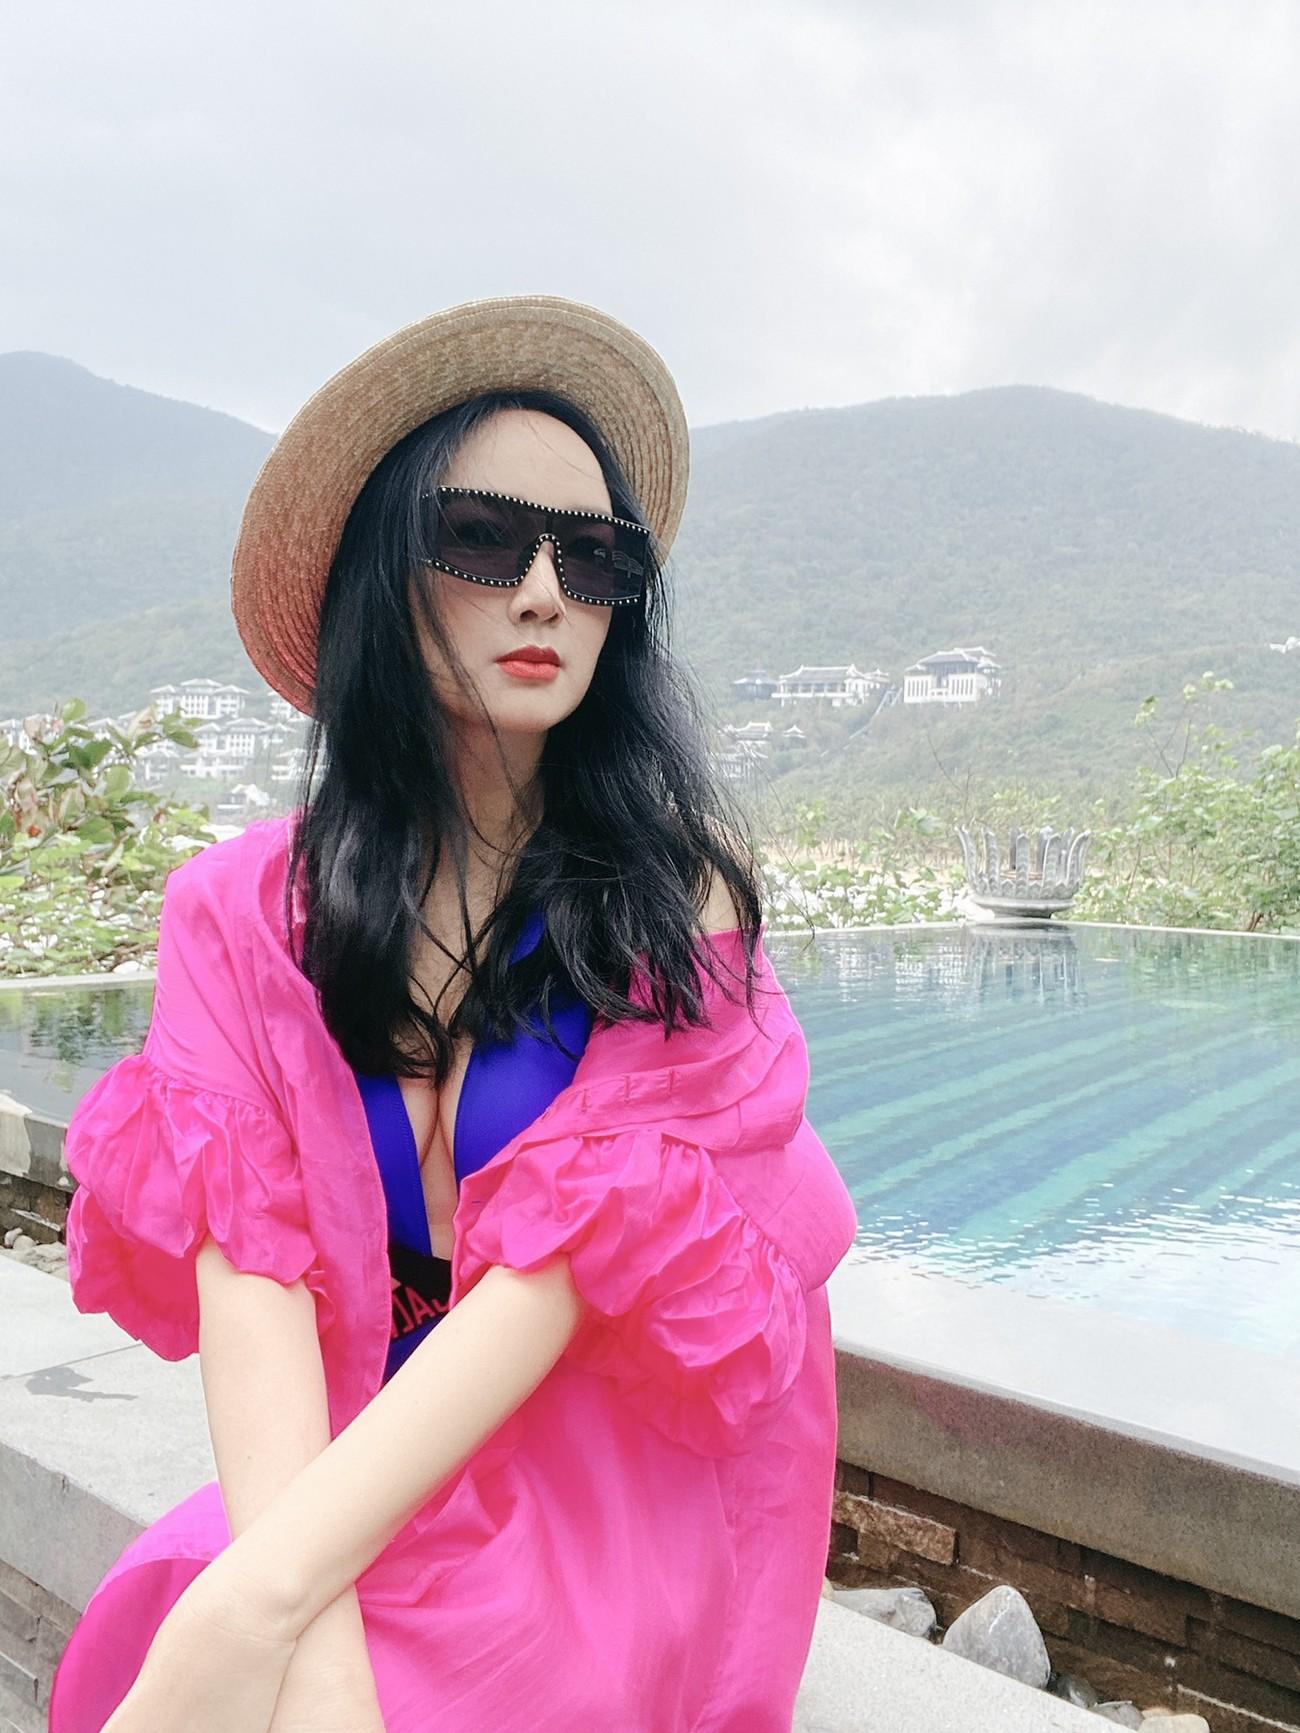 Hoa hậu Giáng My khoe khéo body gợi cảm và vẻ đẹp không tuổi những ngày đầu năm mới ảnh 1